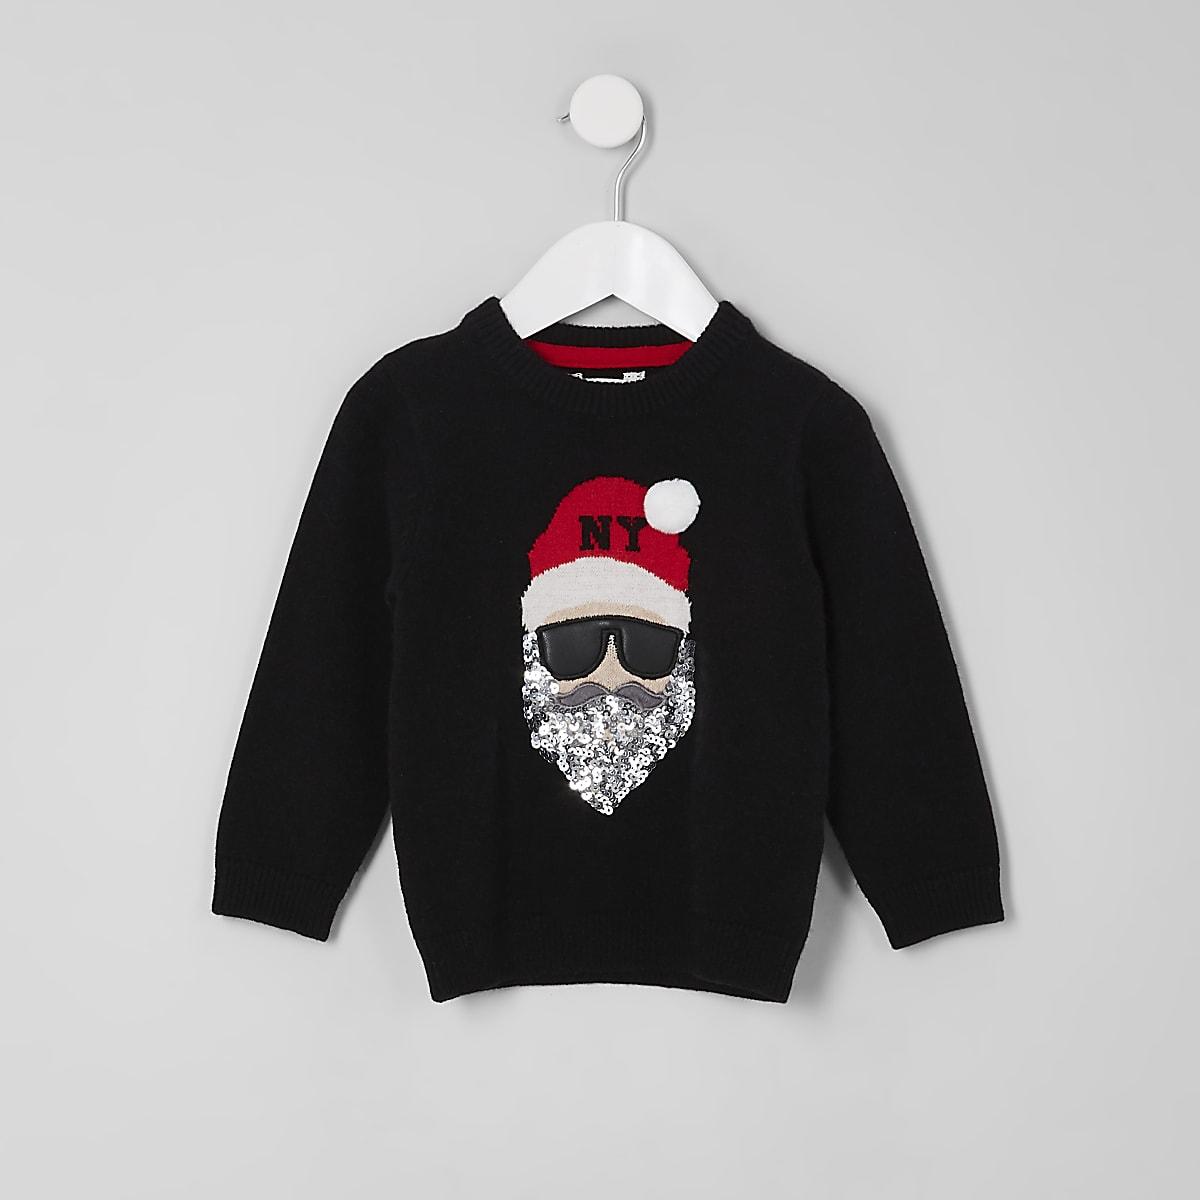 Zwarte Kersttrui.Mini Zwarte Kersttrui Met Santa Claus Voor Kinderen Babyjongens